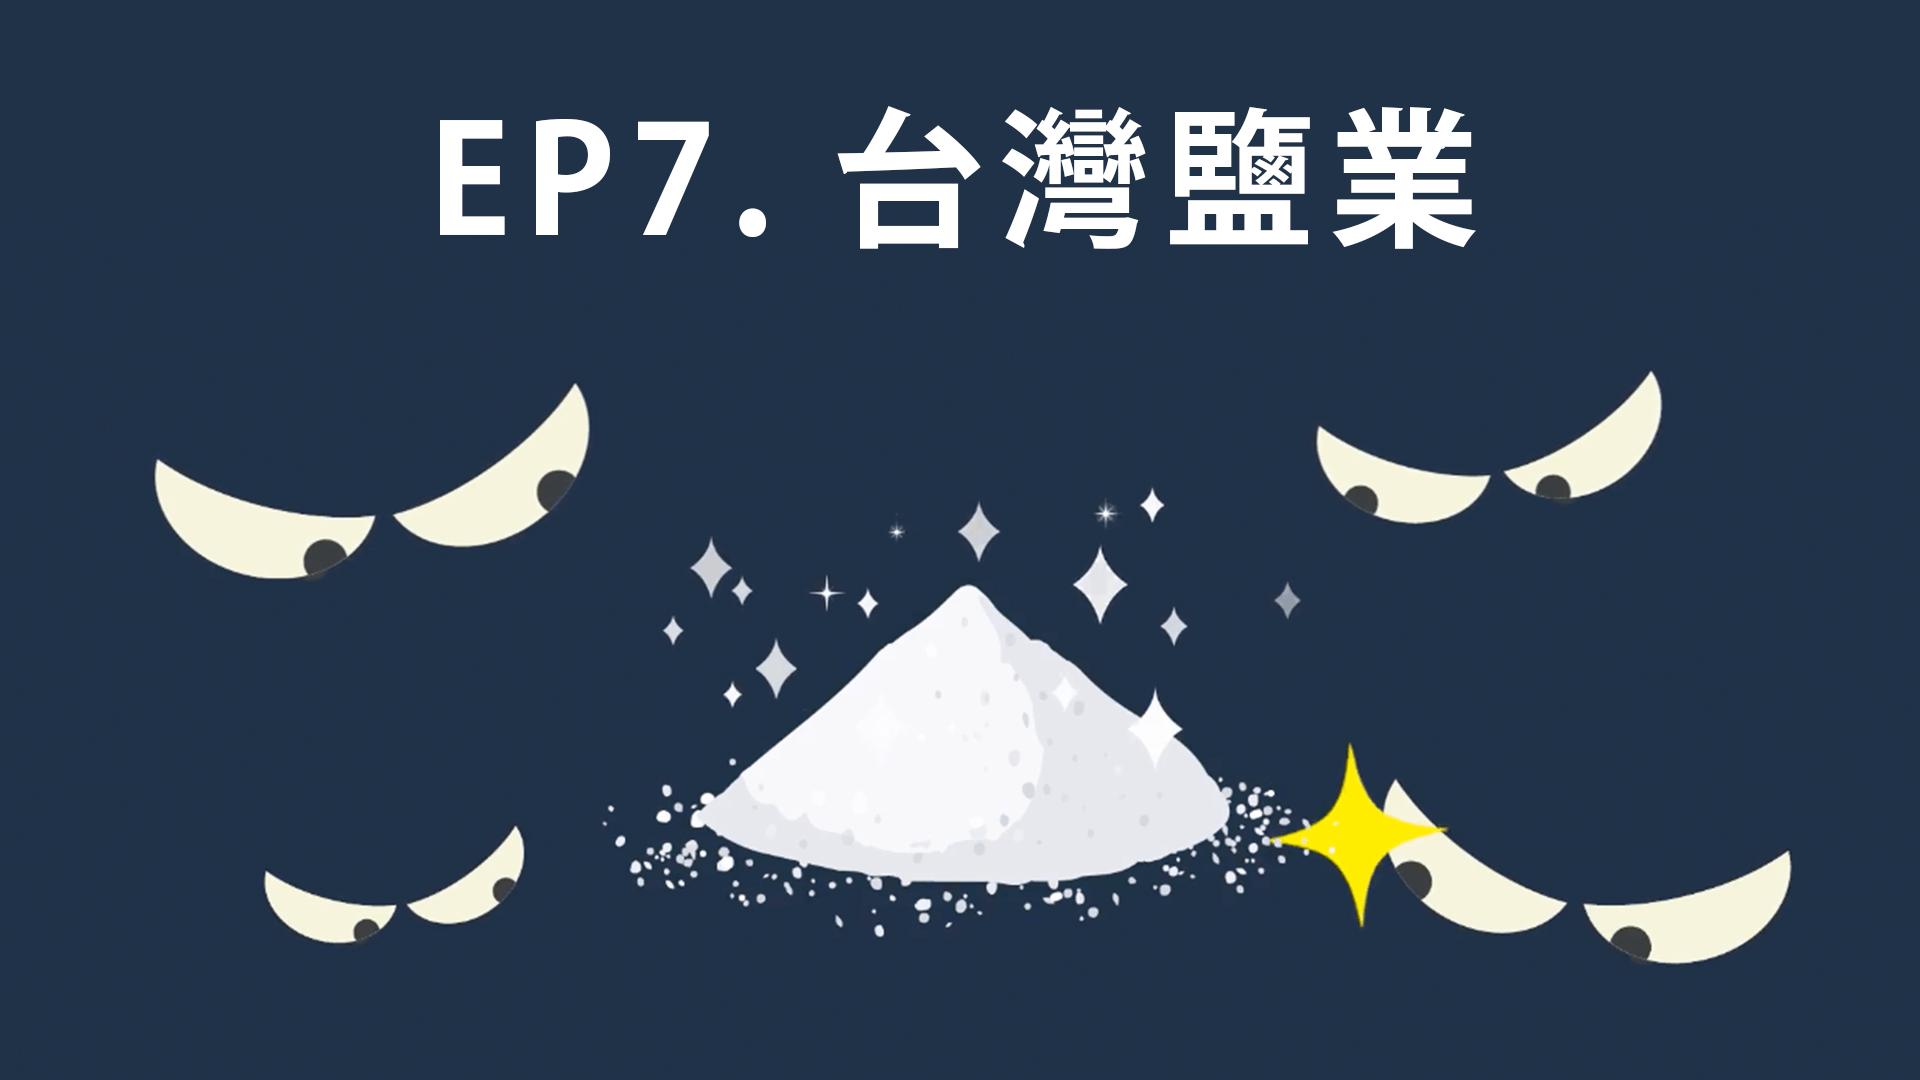 『鹽來如此!真的好鹽格啊~ 』-被遺忘的臺灣-第7集 Forgotten Taiwan EP7 - 新唐人亞太電視臺